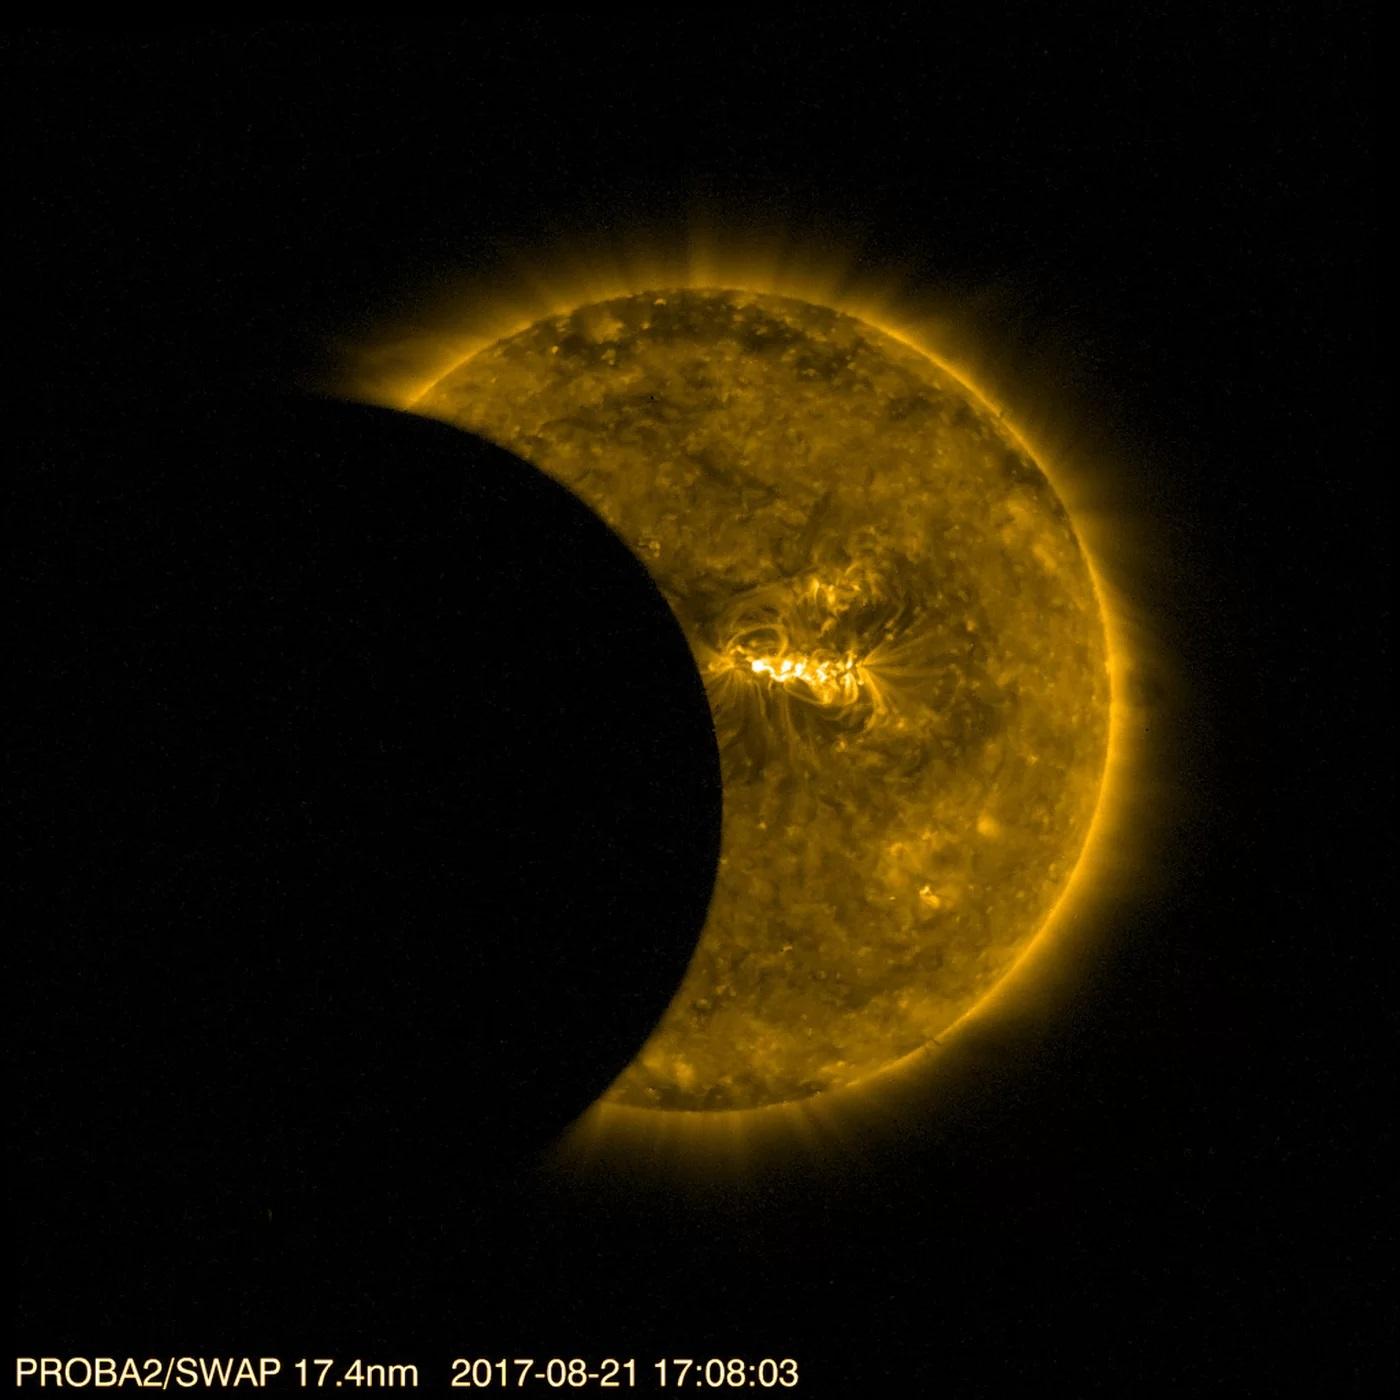 Ta fotografia wykonana przezSWAP przedstawia tarczę Słońca wgłębokim ultrafiolecie, byukazać burzliwą powierzchnię iwirującą koronę odpowiadające temperaturze około miliona stopni.